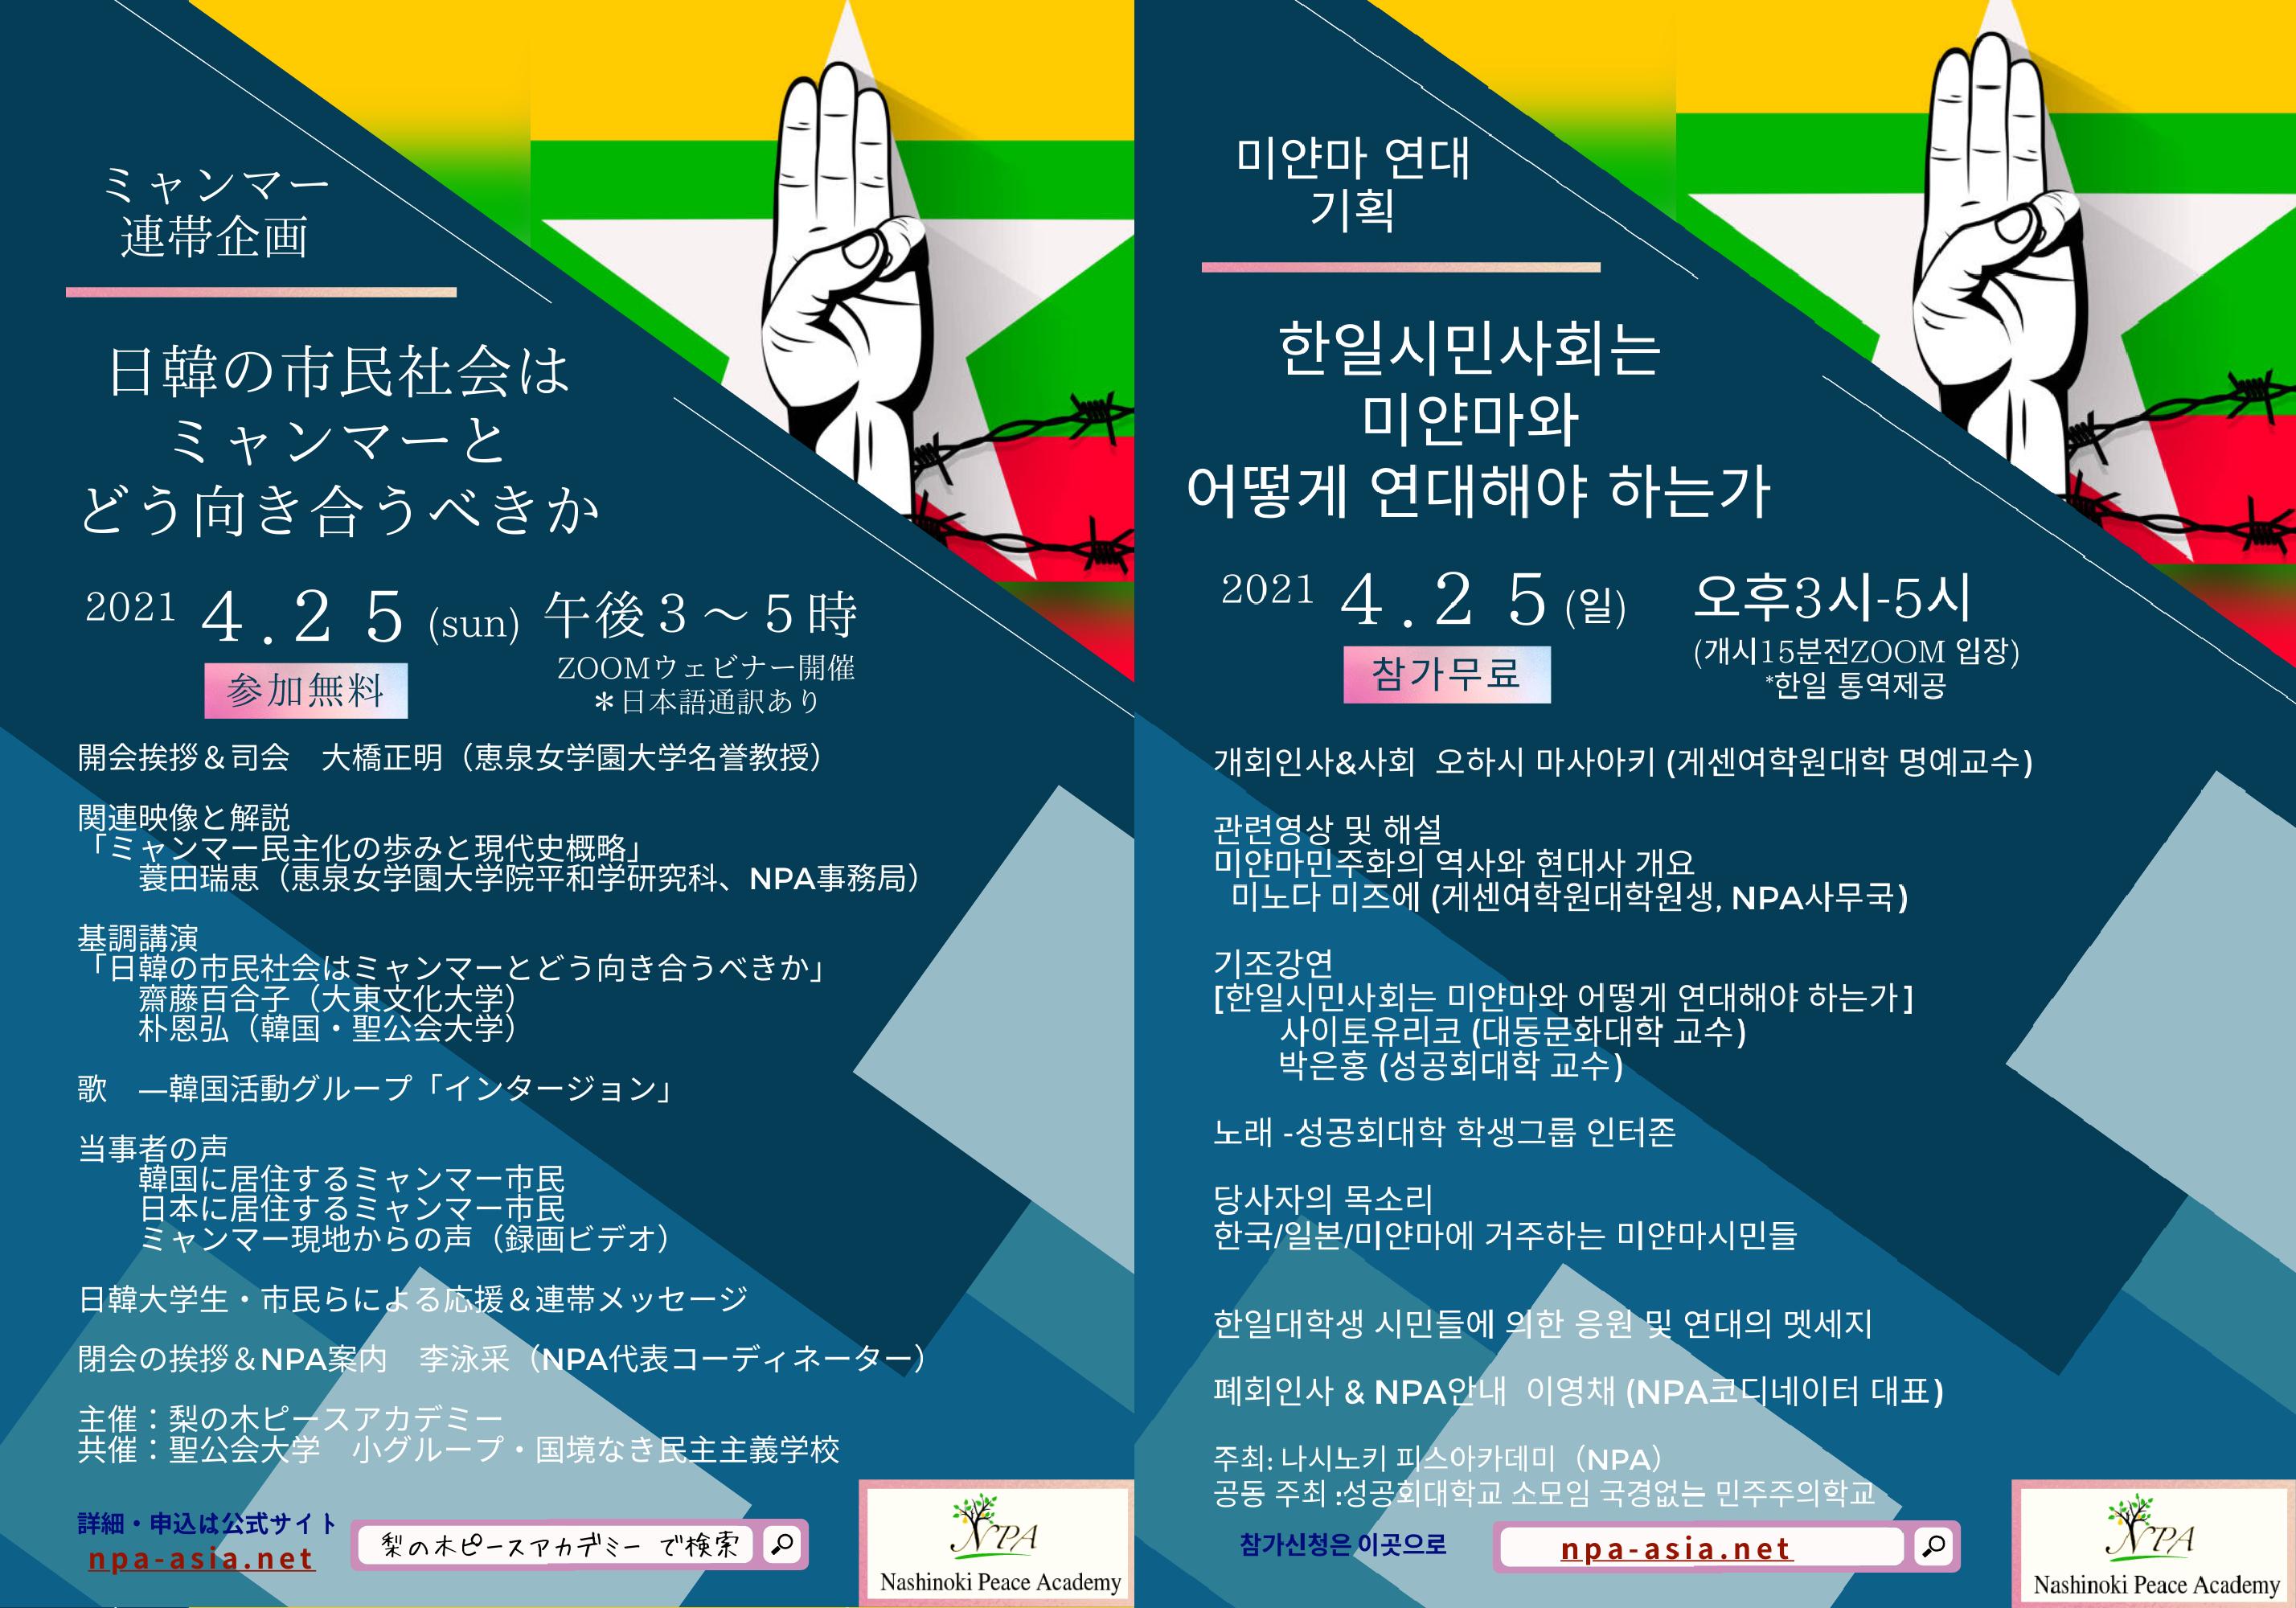 【開催報告】4・25「日韓の市民社会はミャンマーとどう向き合うべきか」